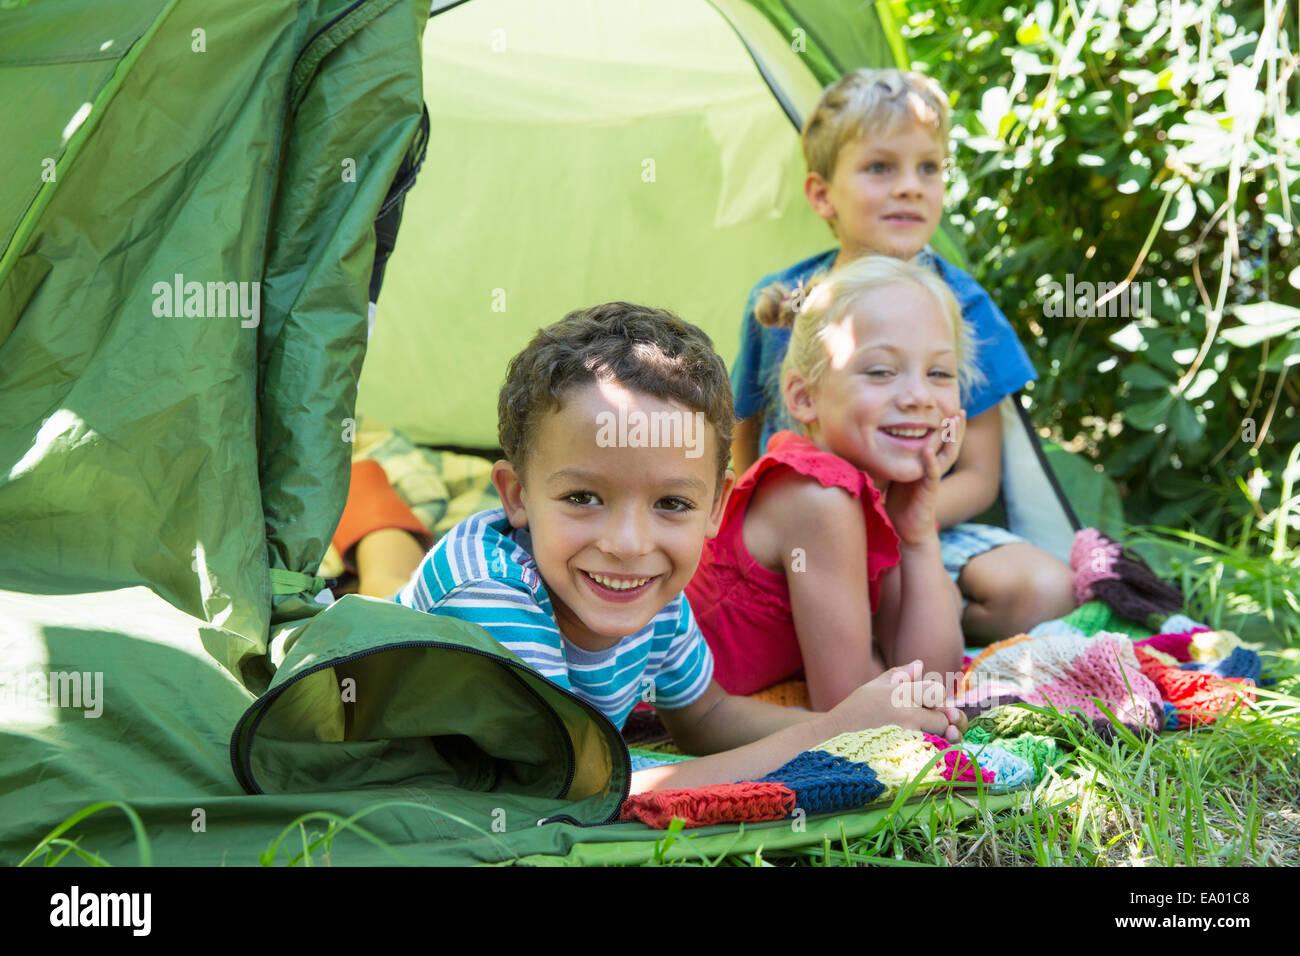 Porträt von drei lächelnden Kindern liegen im Gartenzelt Stockfoto